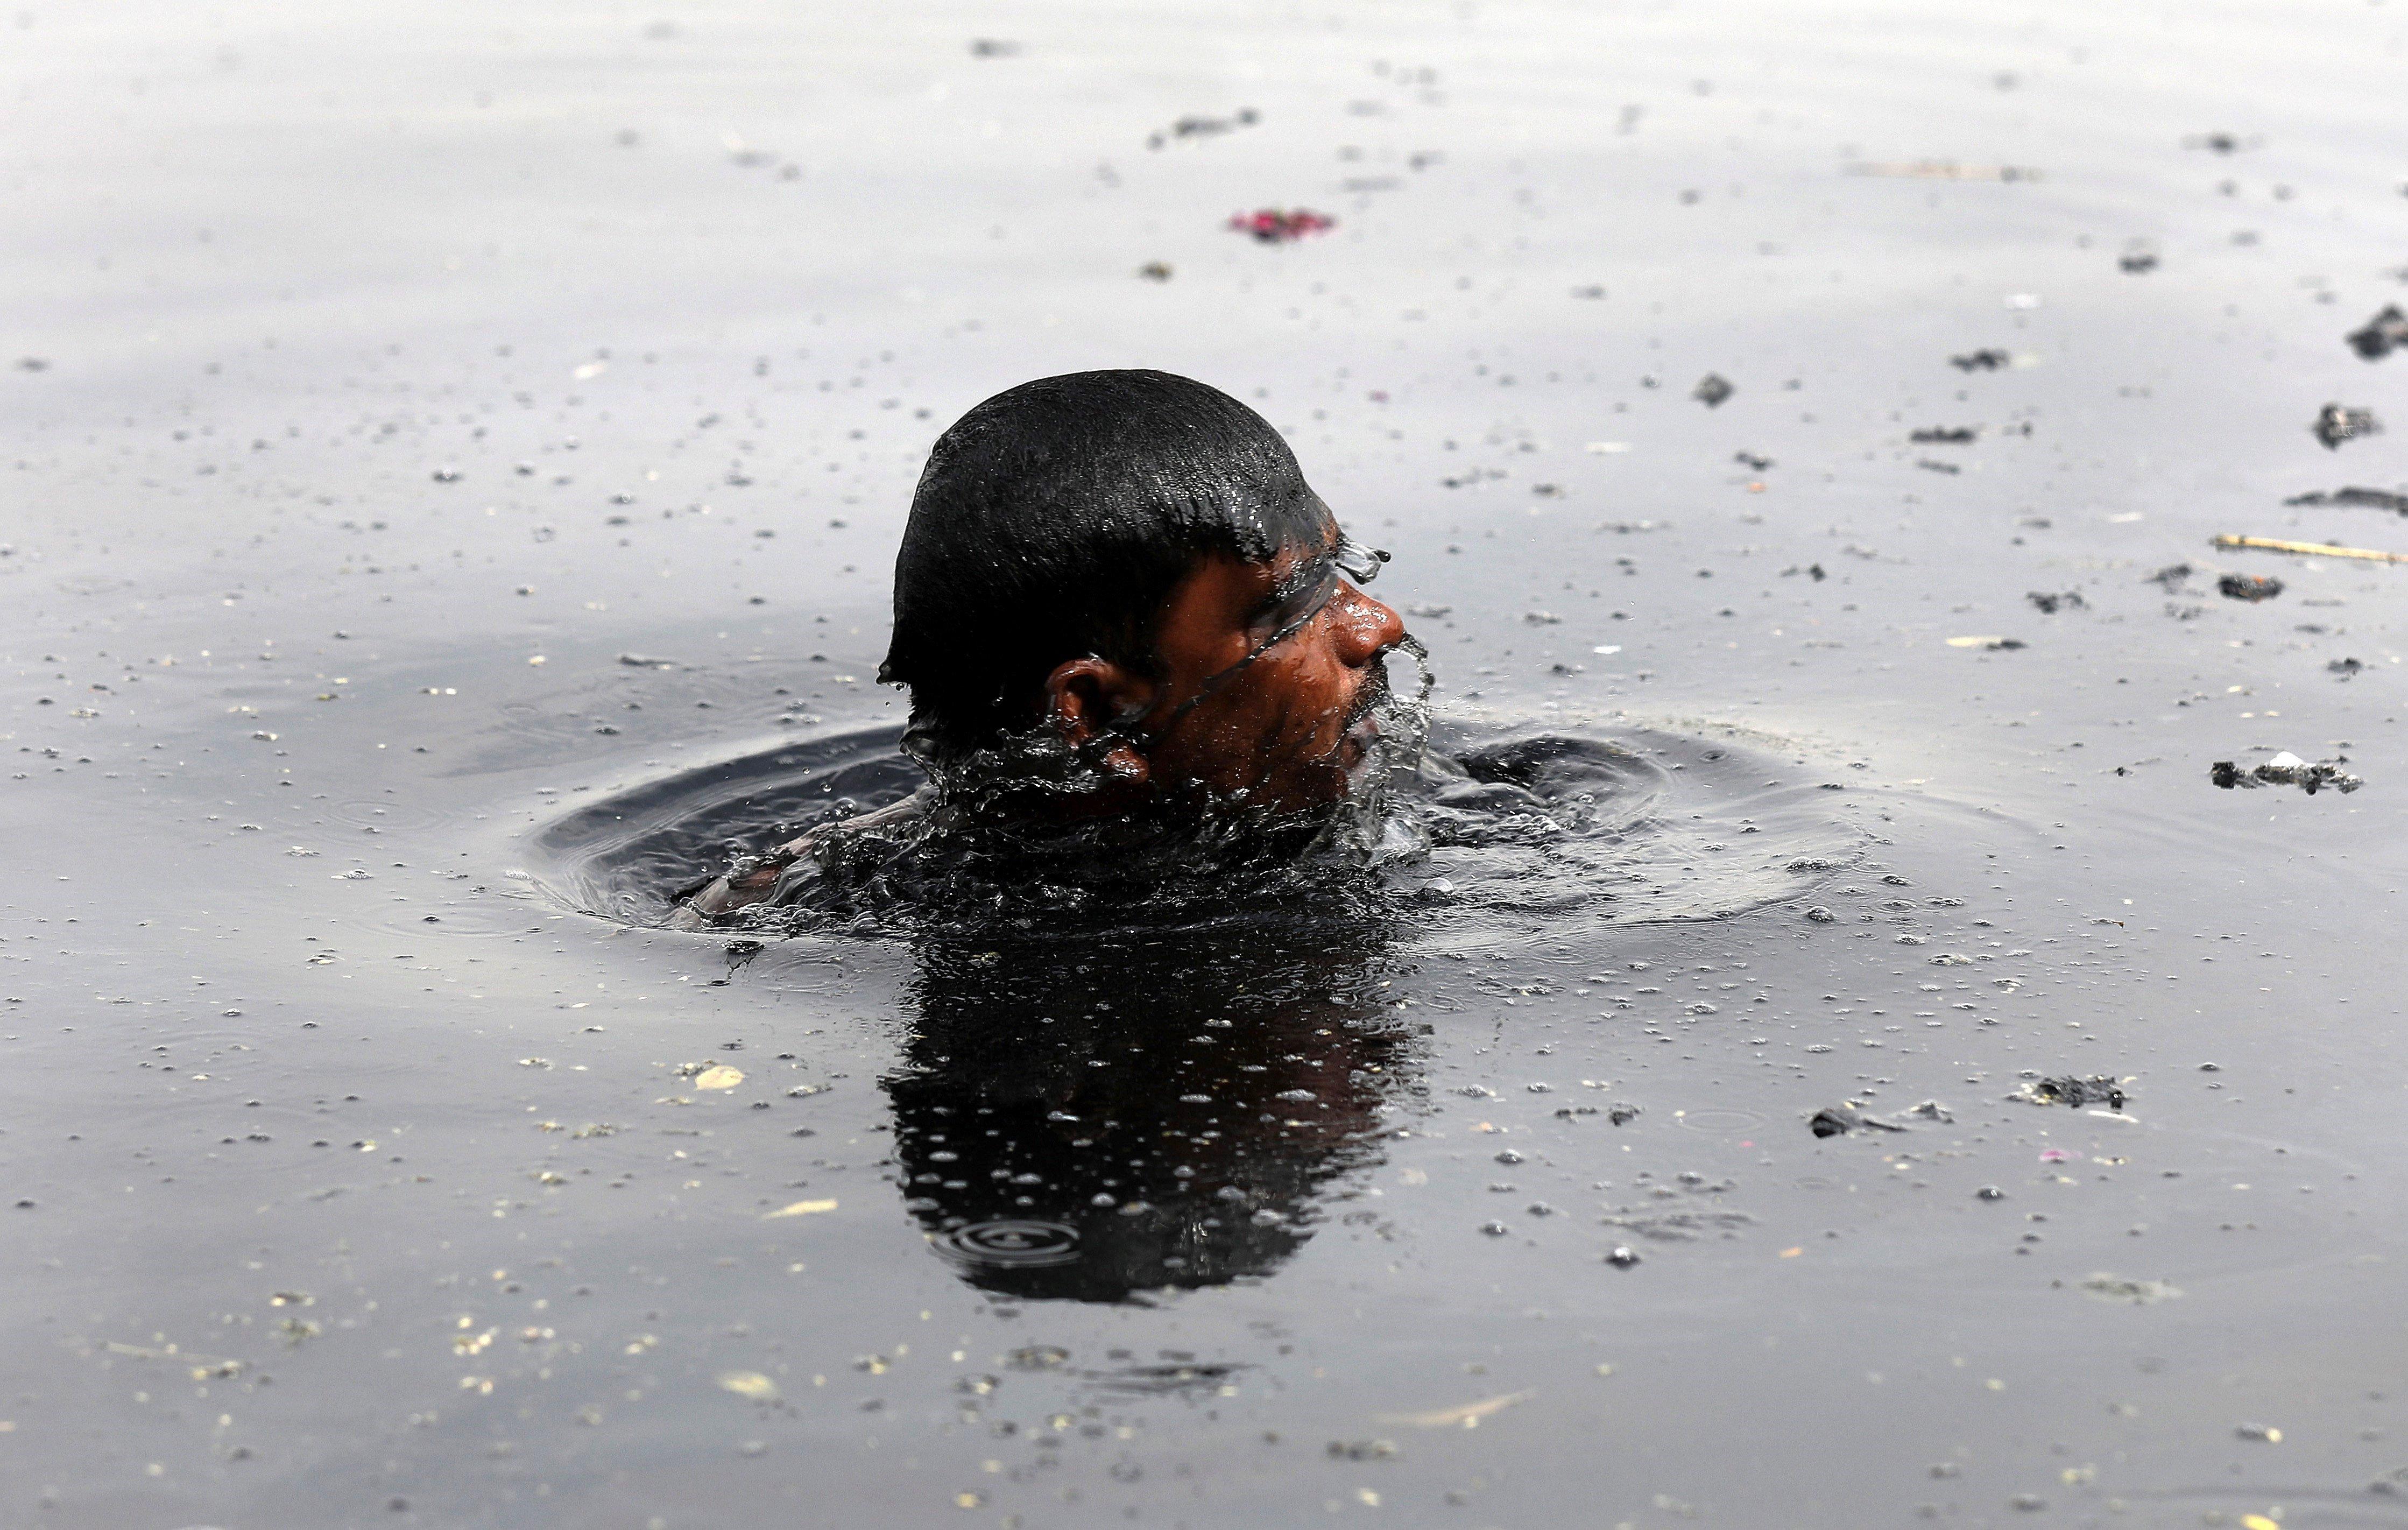 Un home se submergeix en el riu contaminat de Yamuna a la recerca de monedes que llancen els devots en una espècie de ritual, a Nova Delhi, Índia. /RAJAT GUPTA